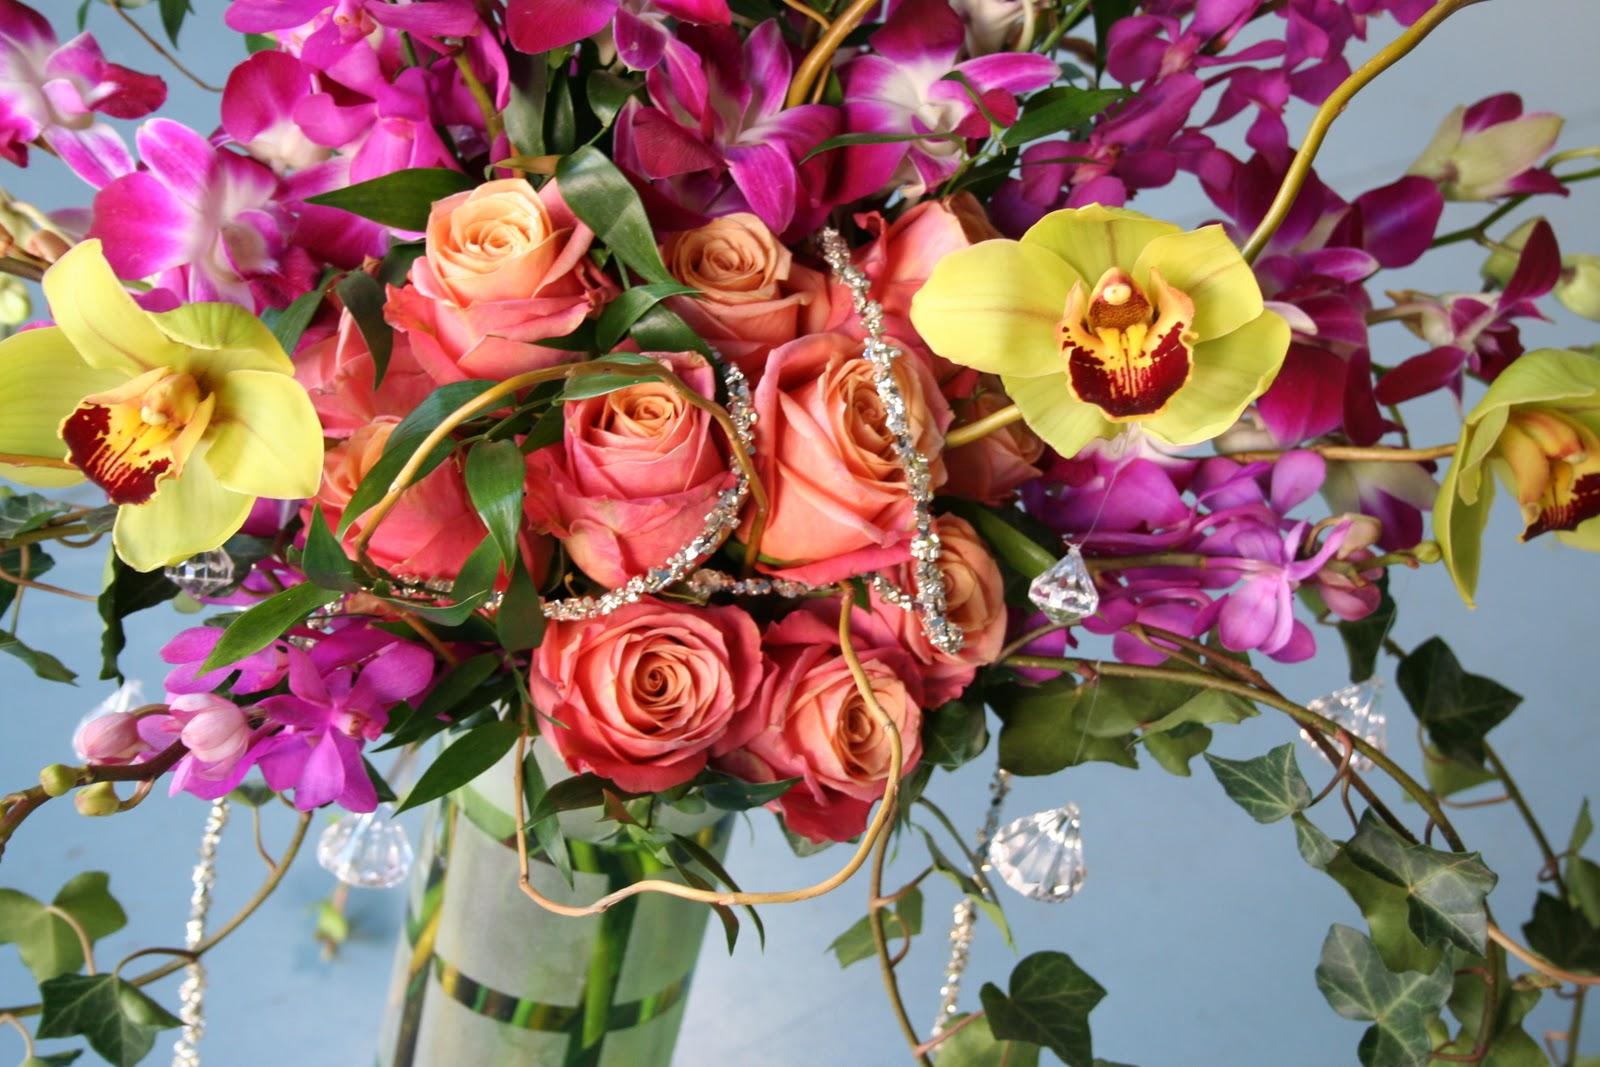 blog: Flower Art...sort of